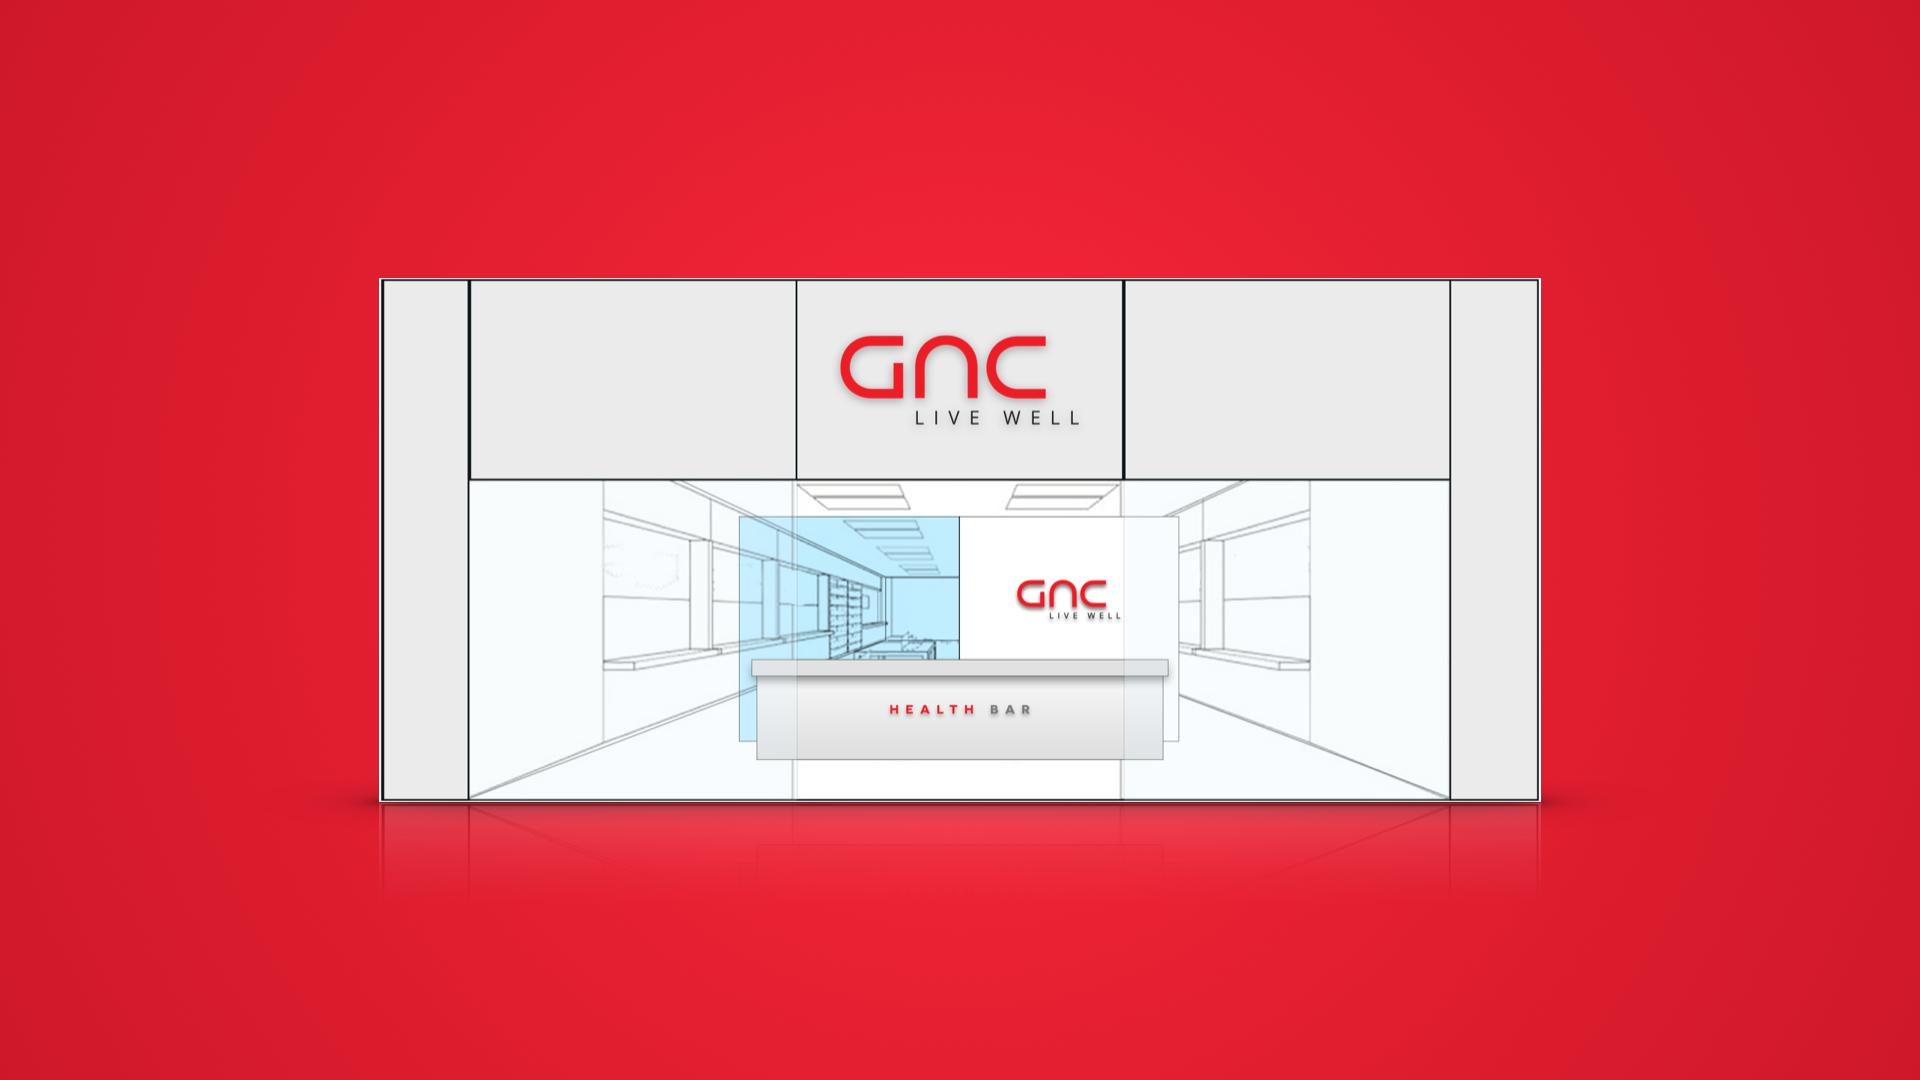 GNC_FINAL_DECK.034.jpg